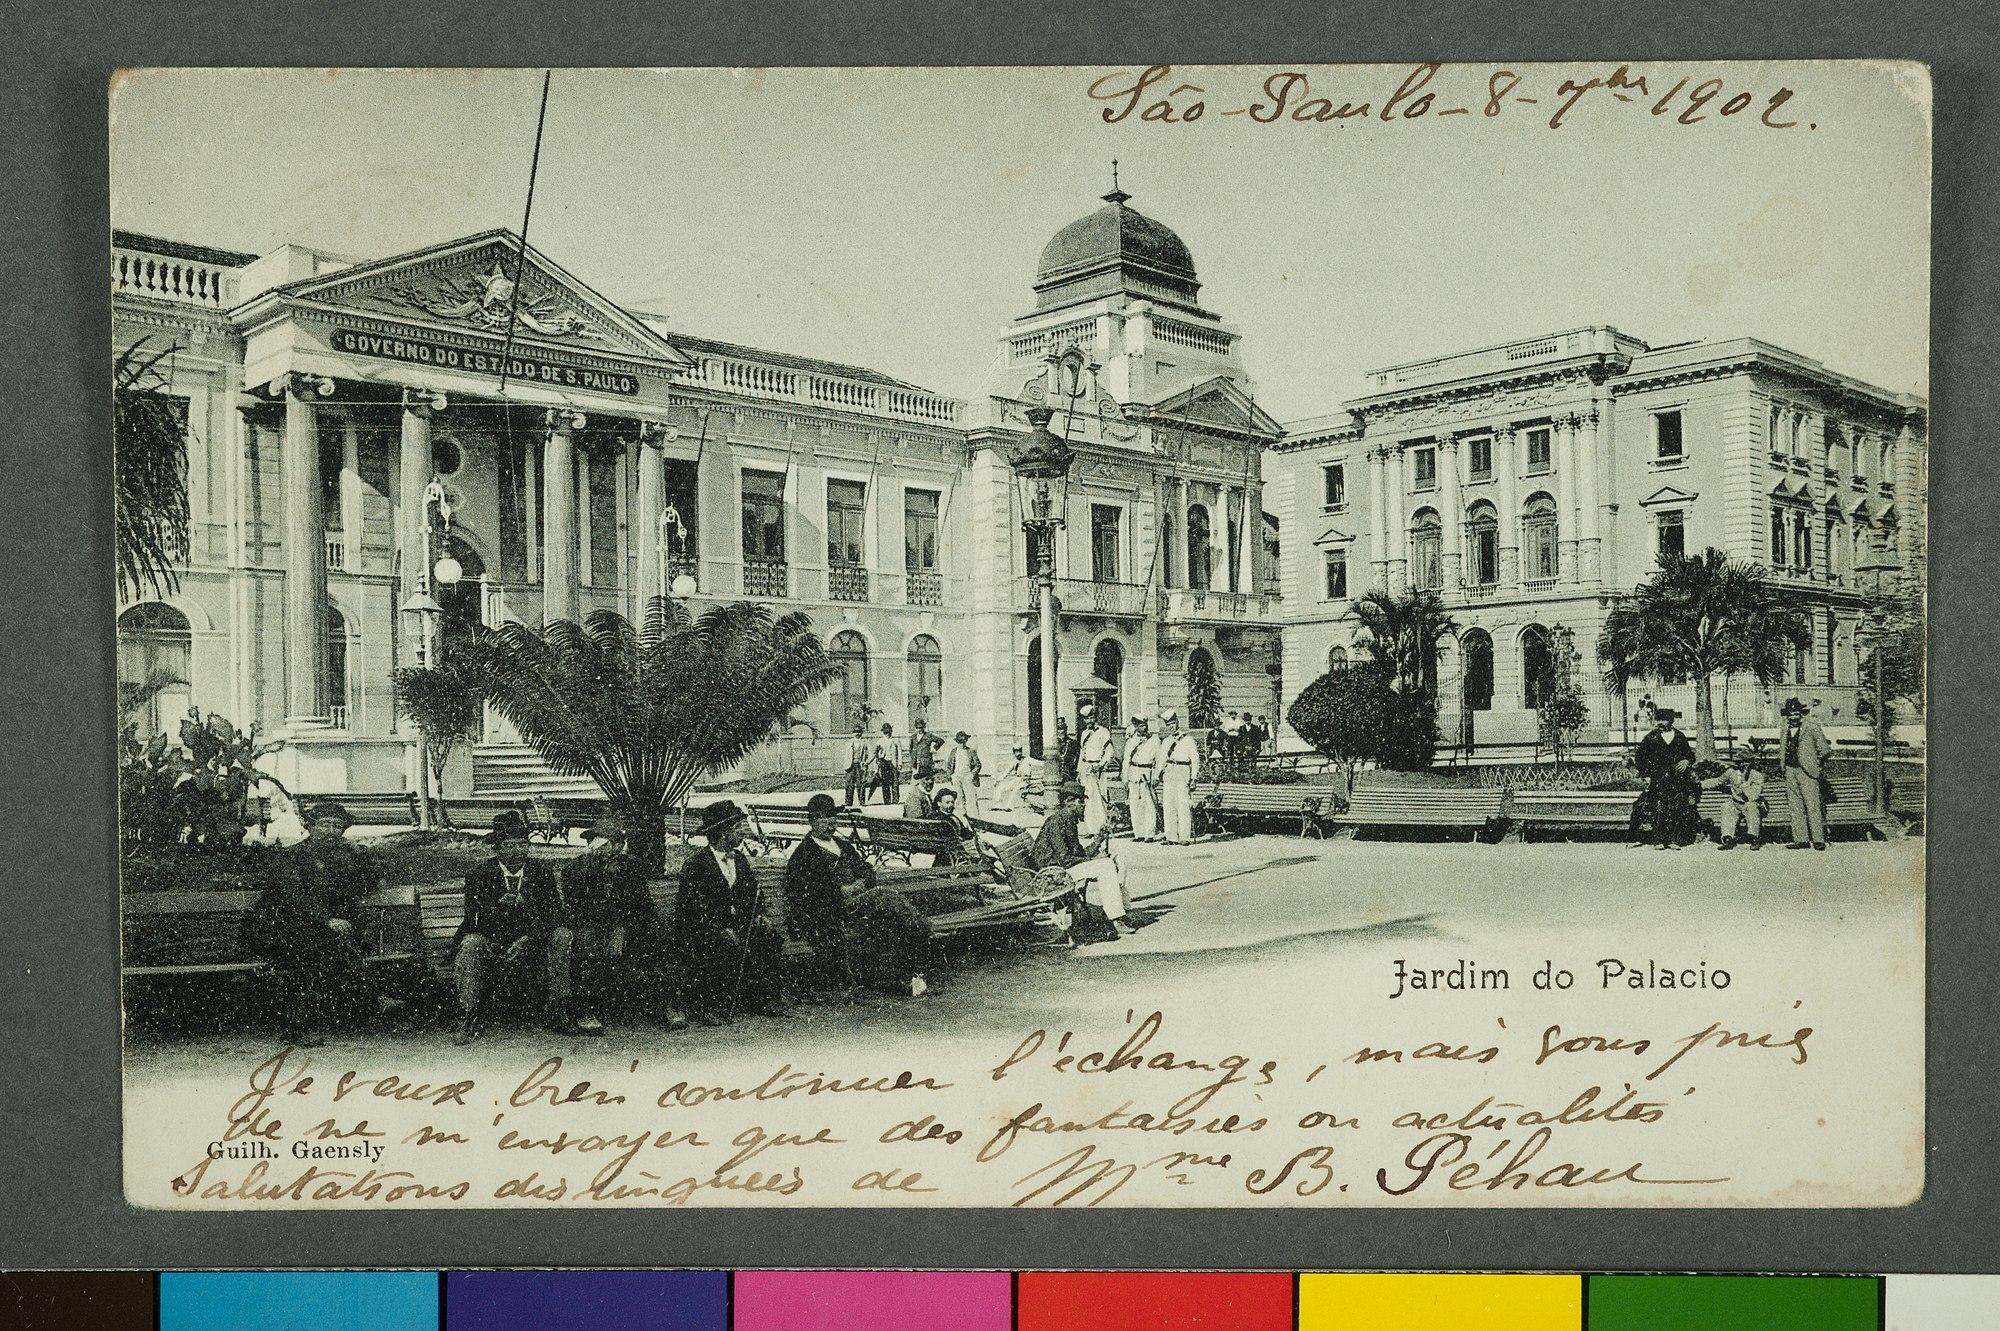 Jardim do Palacio